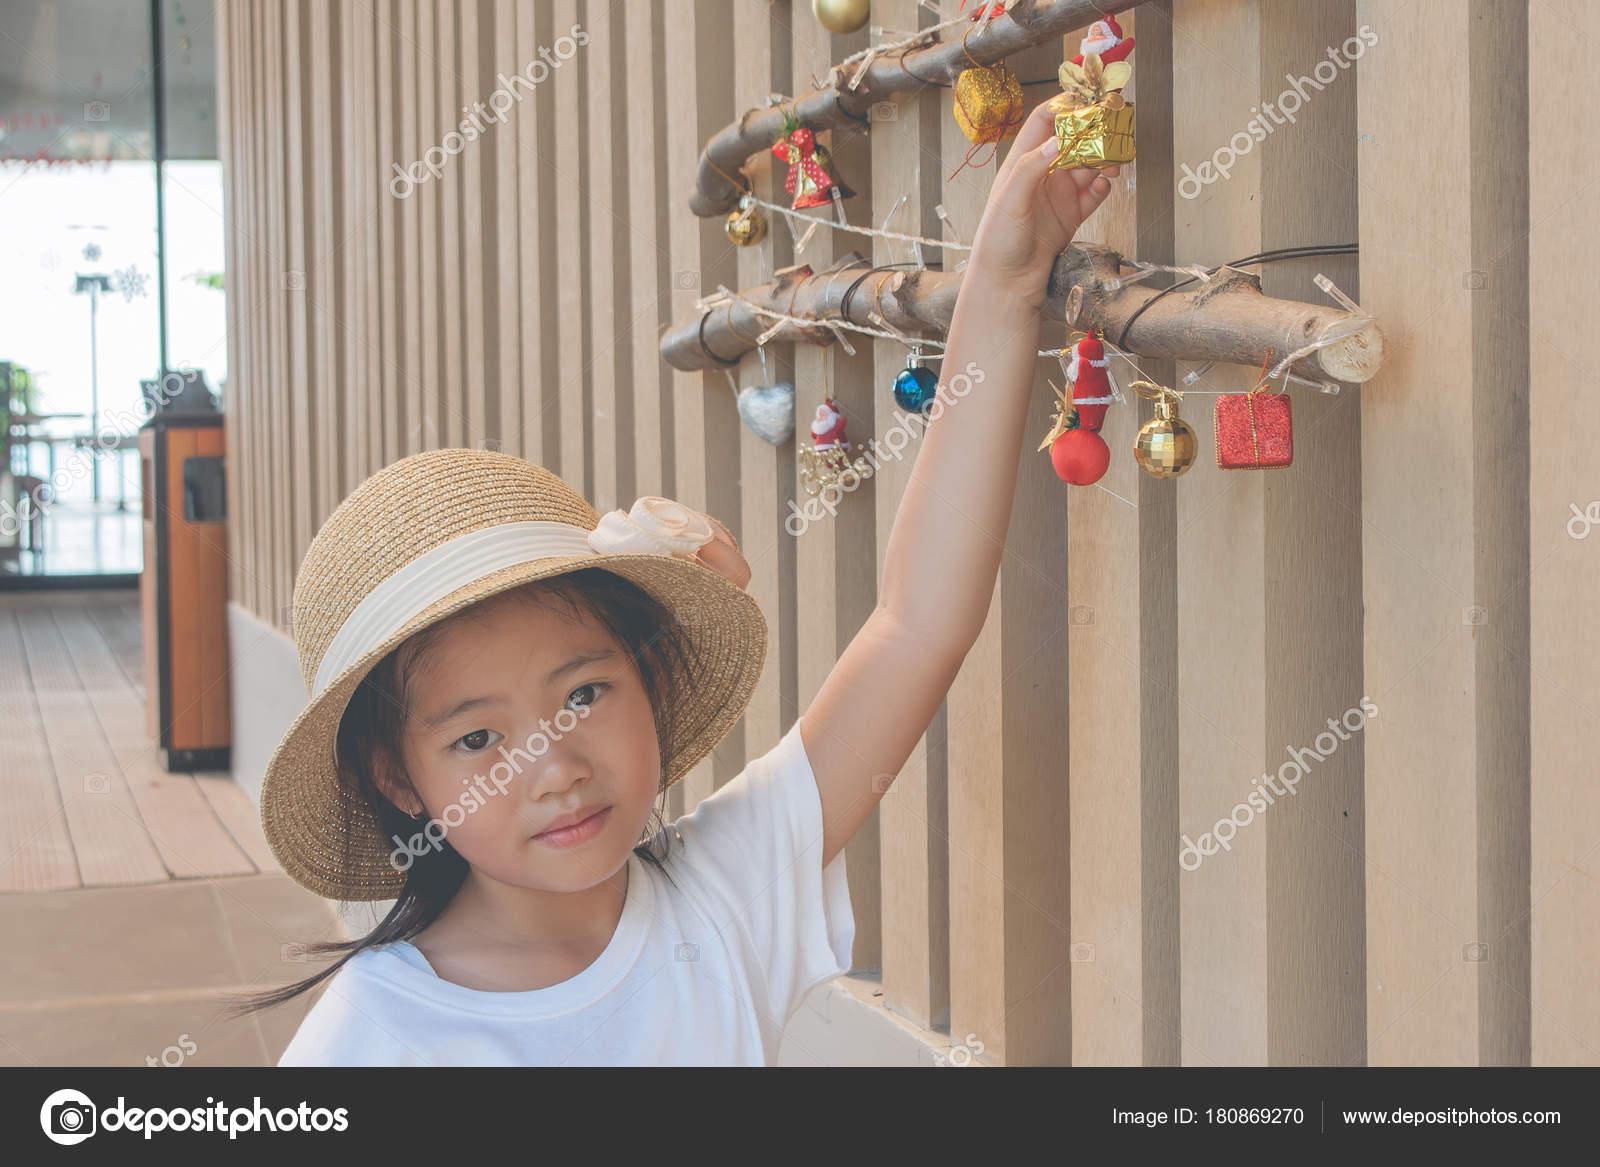 711dc4d2d6611 Menina Bonitinha Vestindo Camiseta Branca Chapéu Tecer Ela Segurando Caixa  — Fotografia de Stock